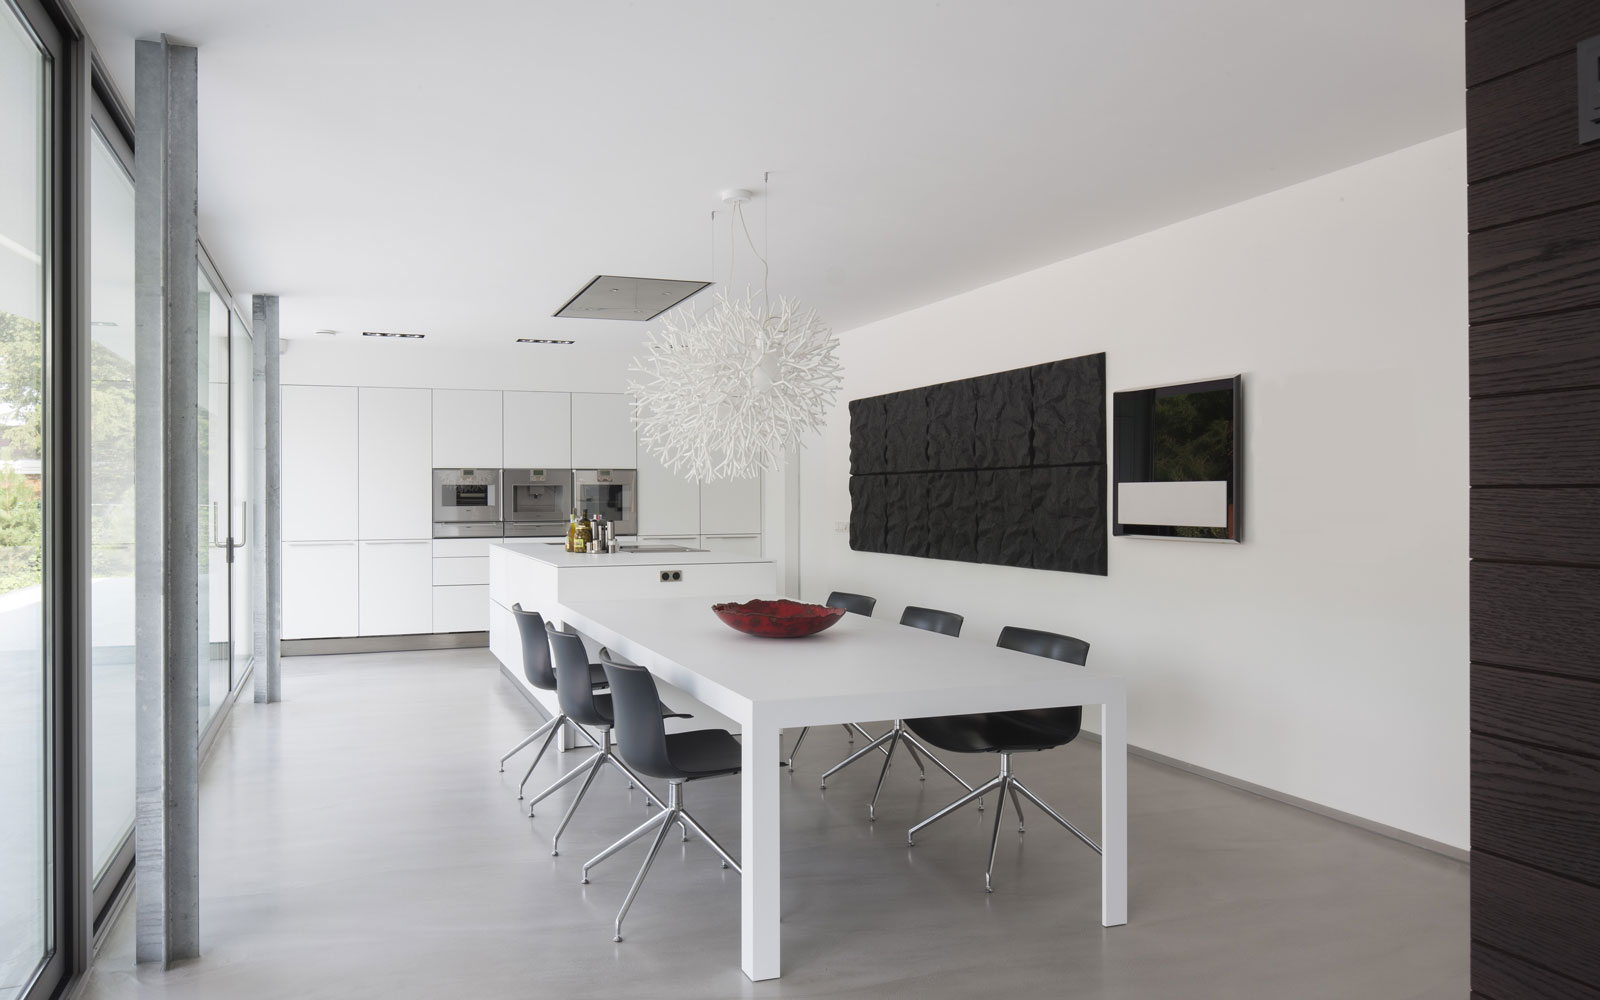 Keuken, strak, wit, kookeiland, eettafel, zwevende villa, Lab32 architecten